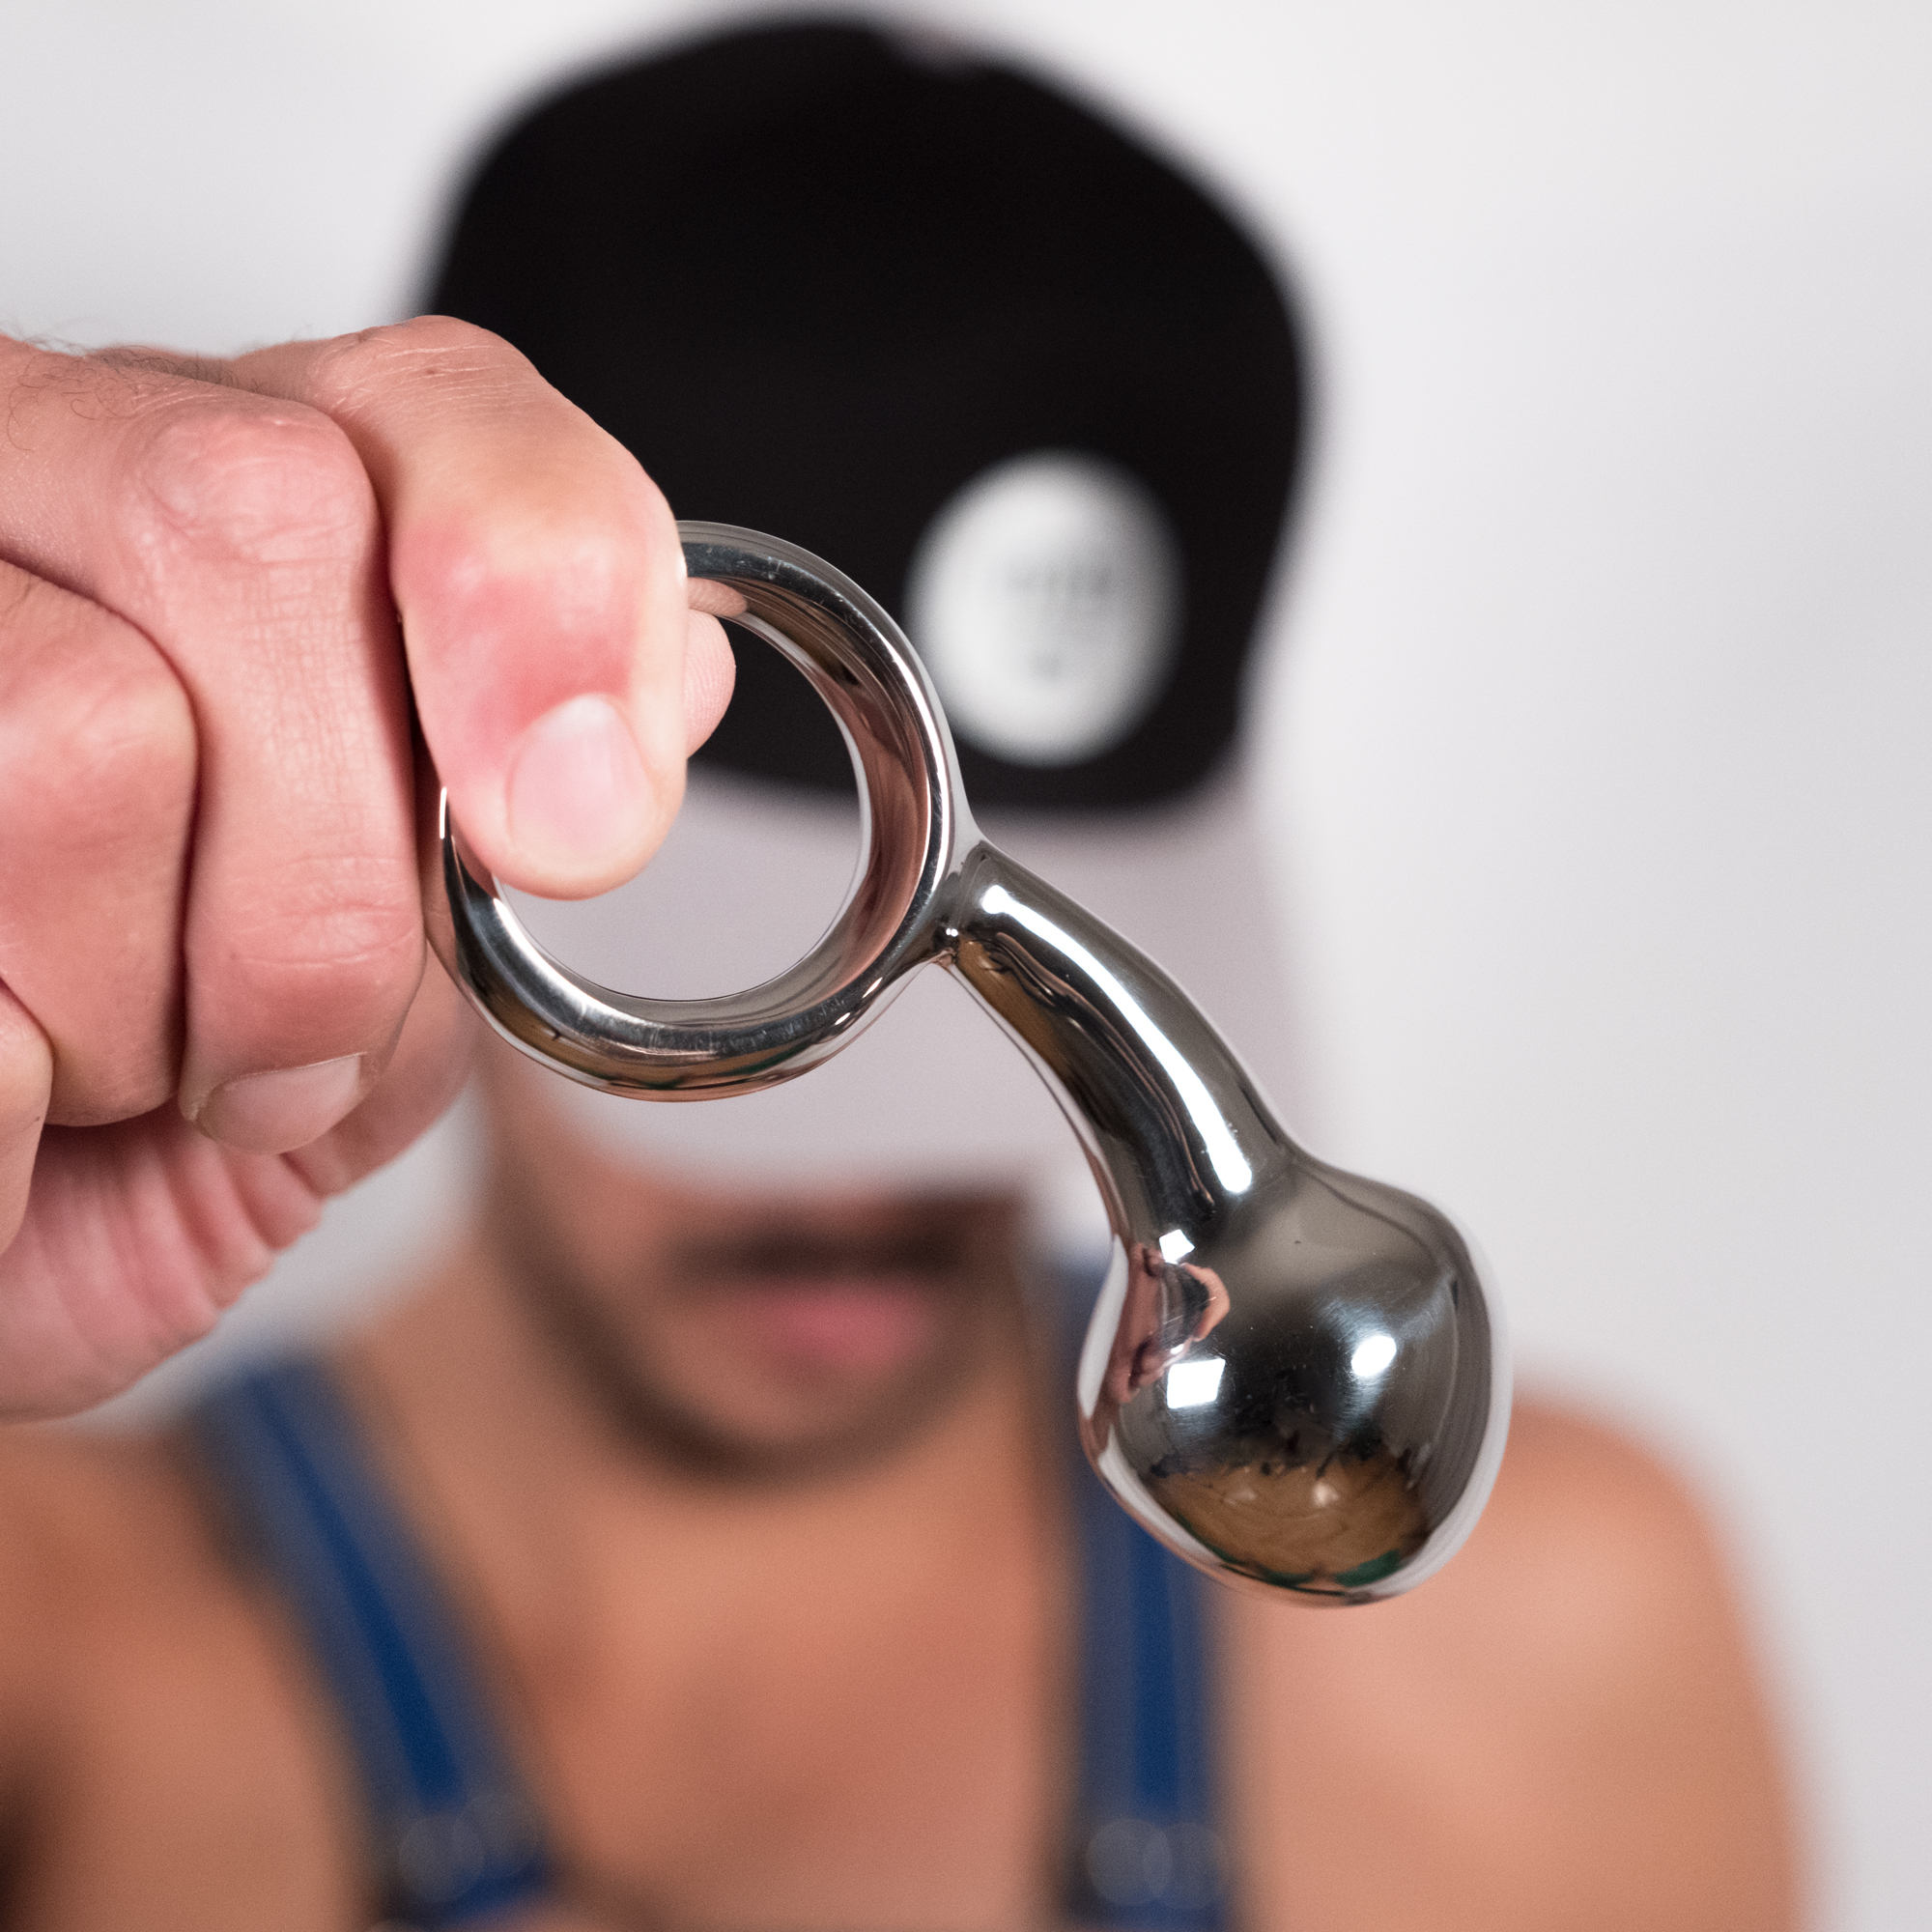 miglior dildo per la mungitura della prostata